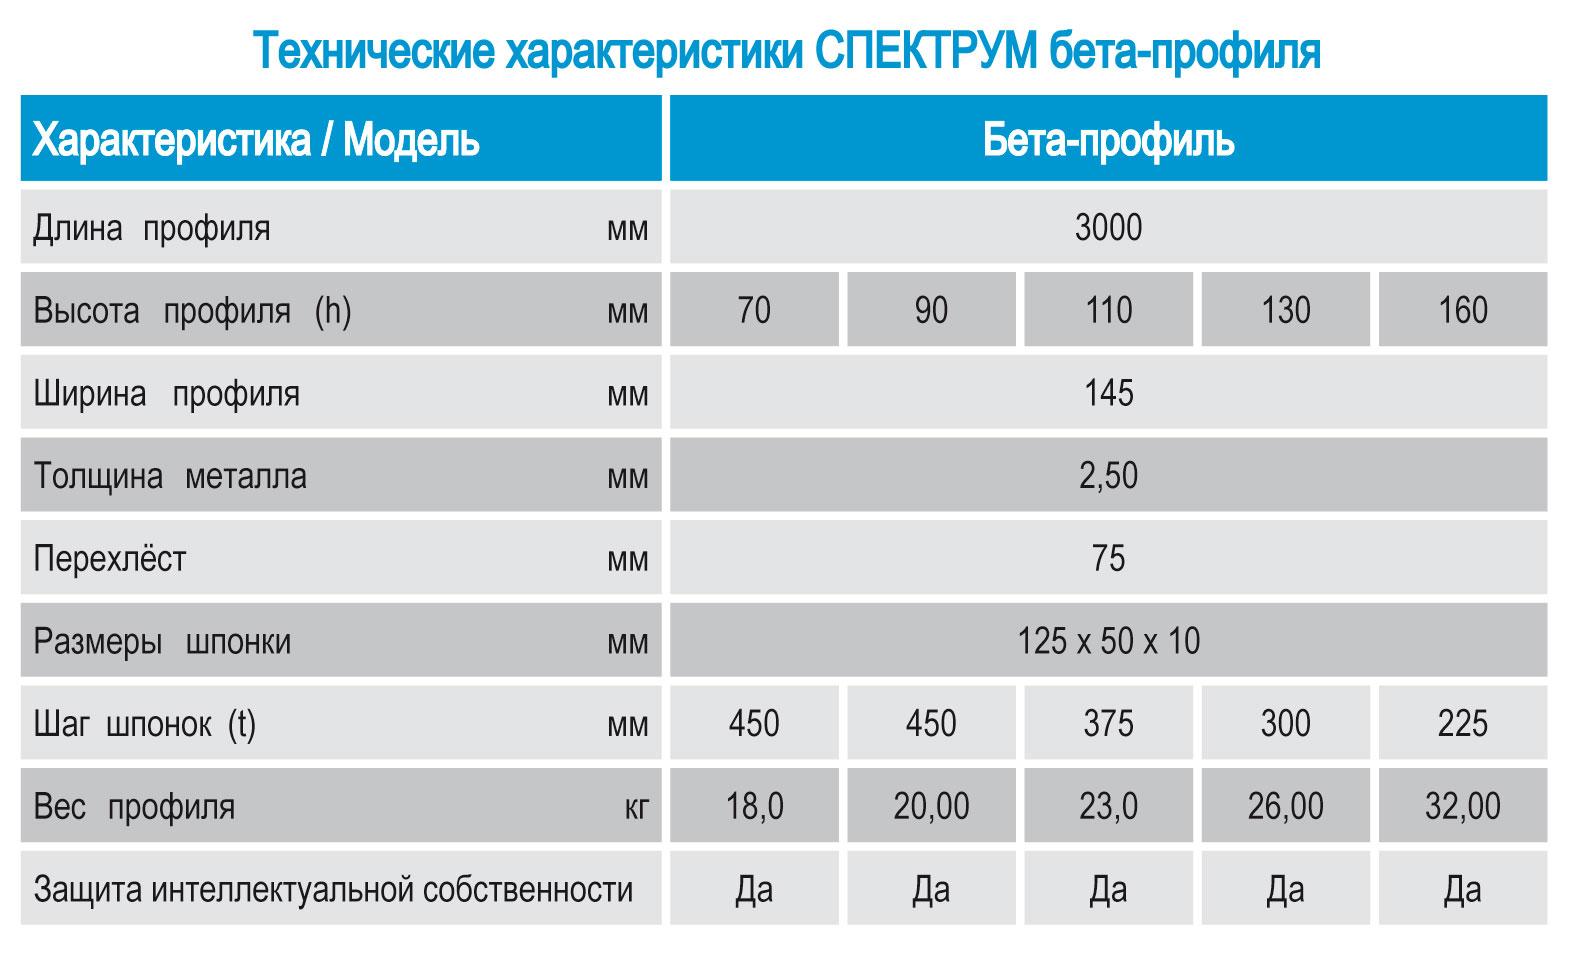 Технические характеристики, параметры Спектрум бета-профиля для устройства температурно-усадочных швов